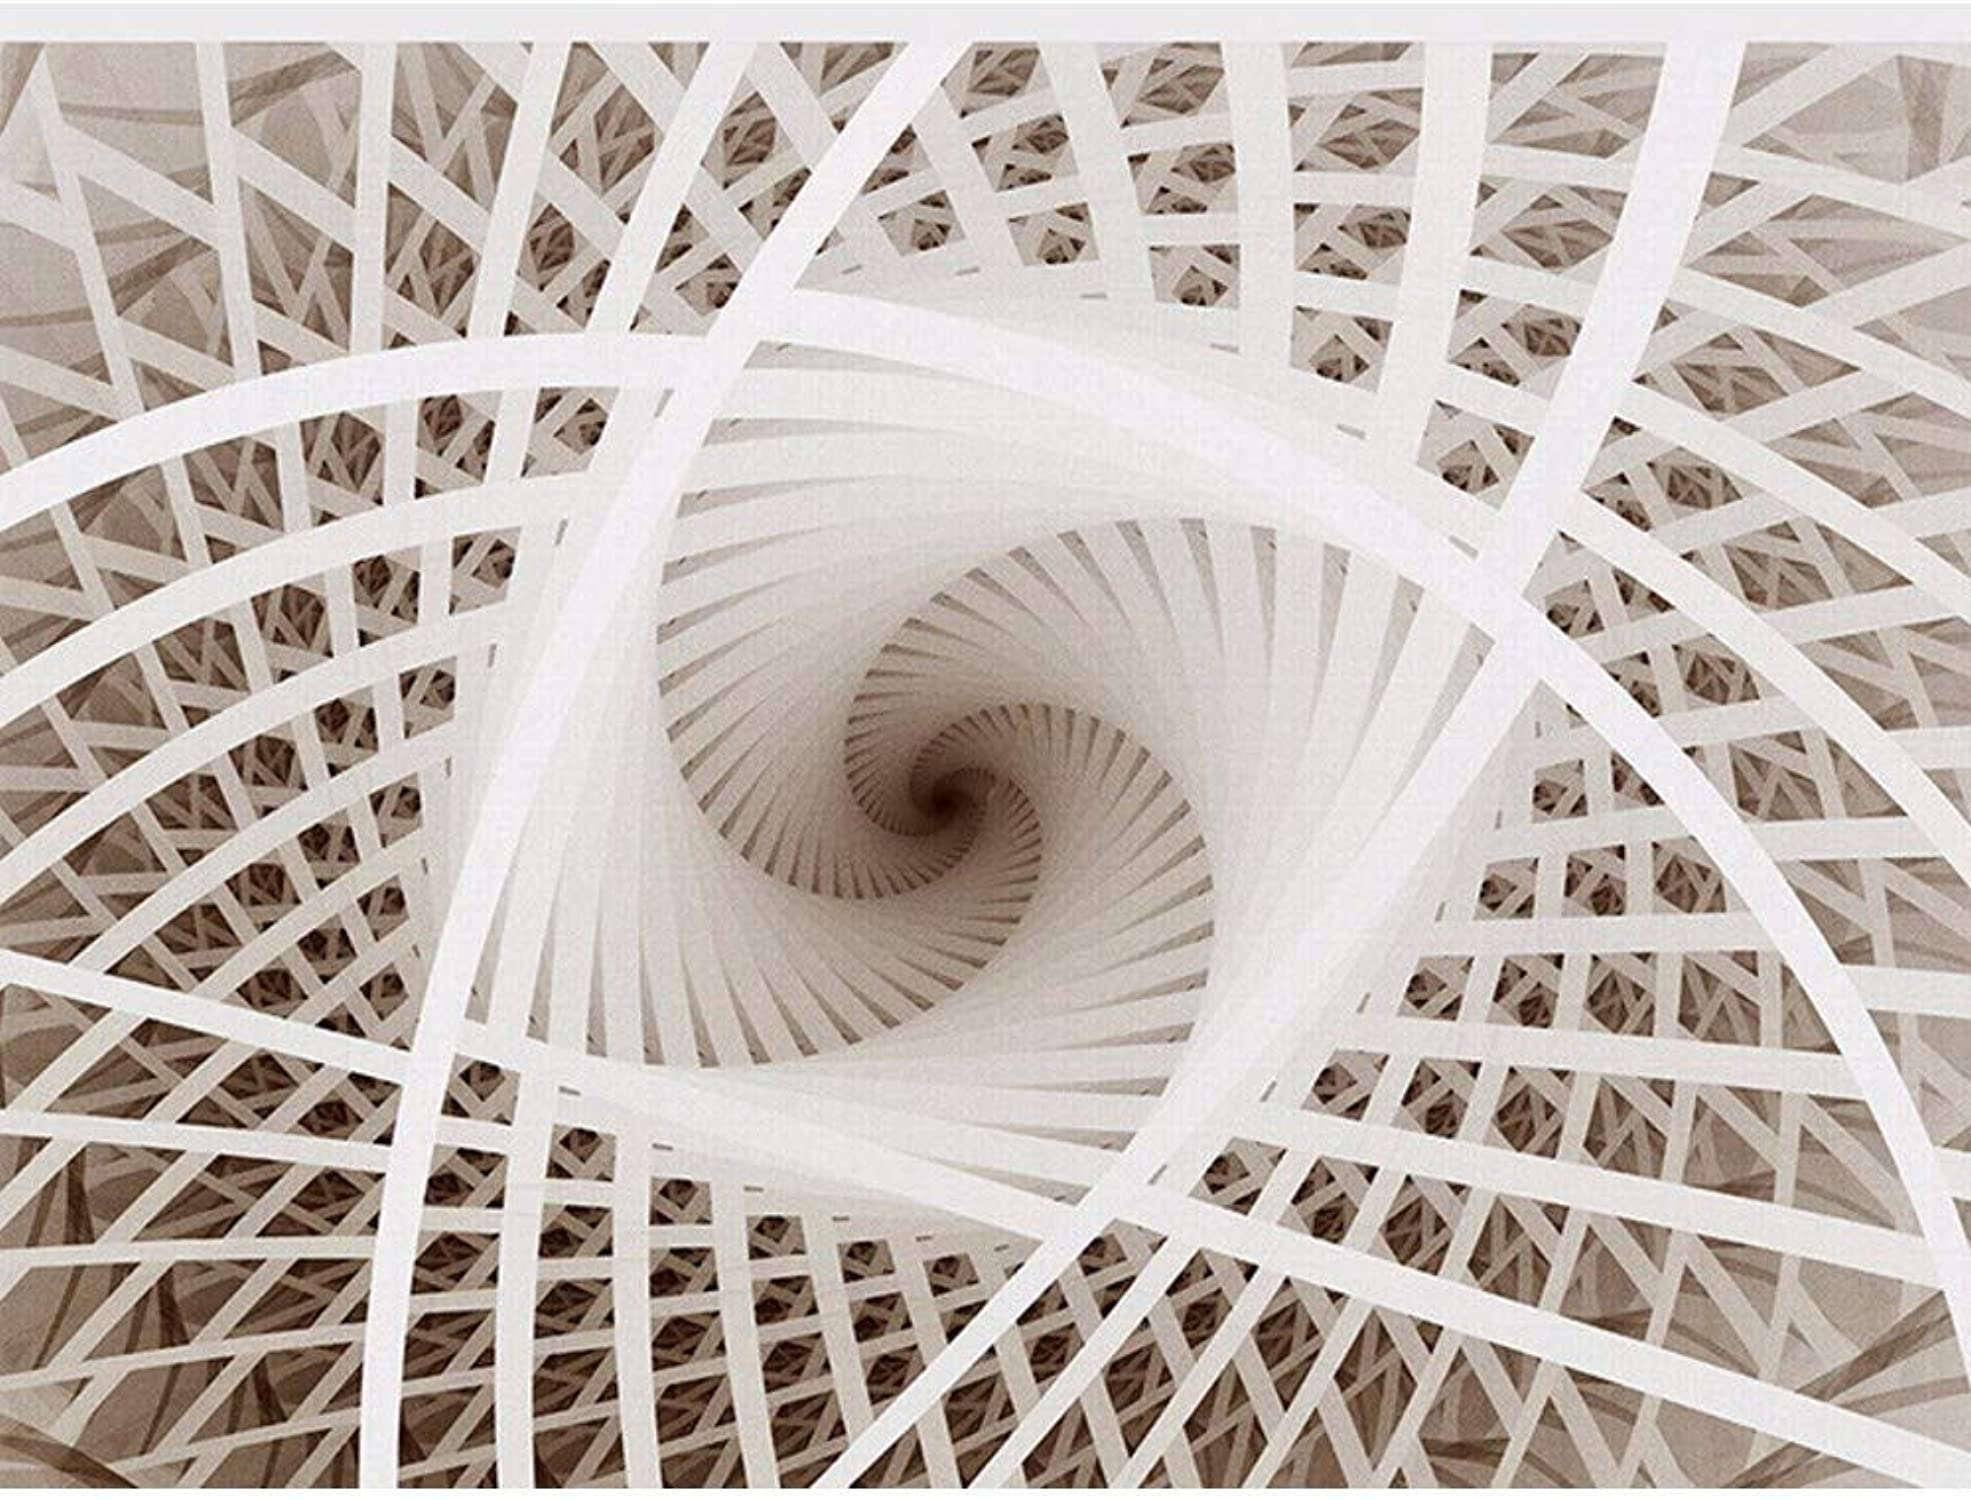 alta calidad y envío rápido Rureng 3D Arte Arte Arte Geométrico Remolino Murales De Techo Sala De Estar Tv Telón De Fondo Hotel Restaurante Jane Euro Techo Wallpaper-200X140Cm  moda clasica